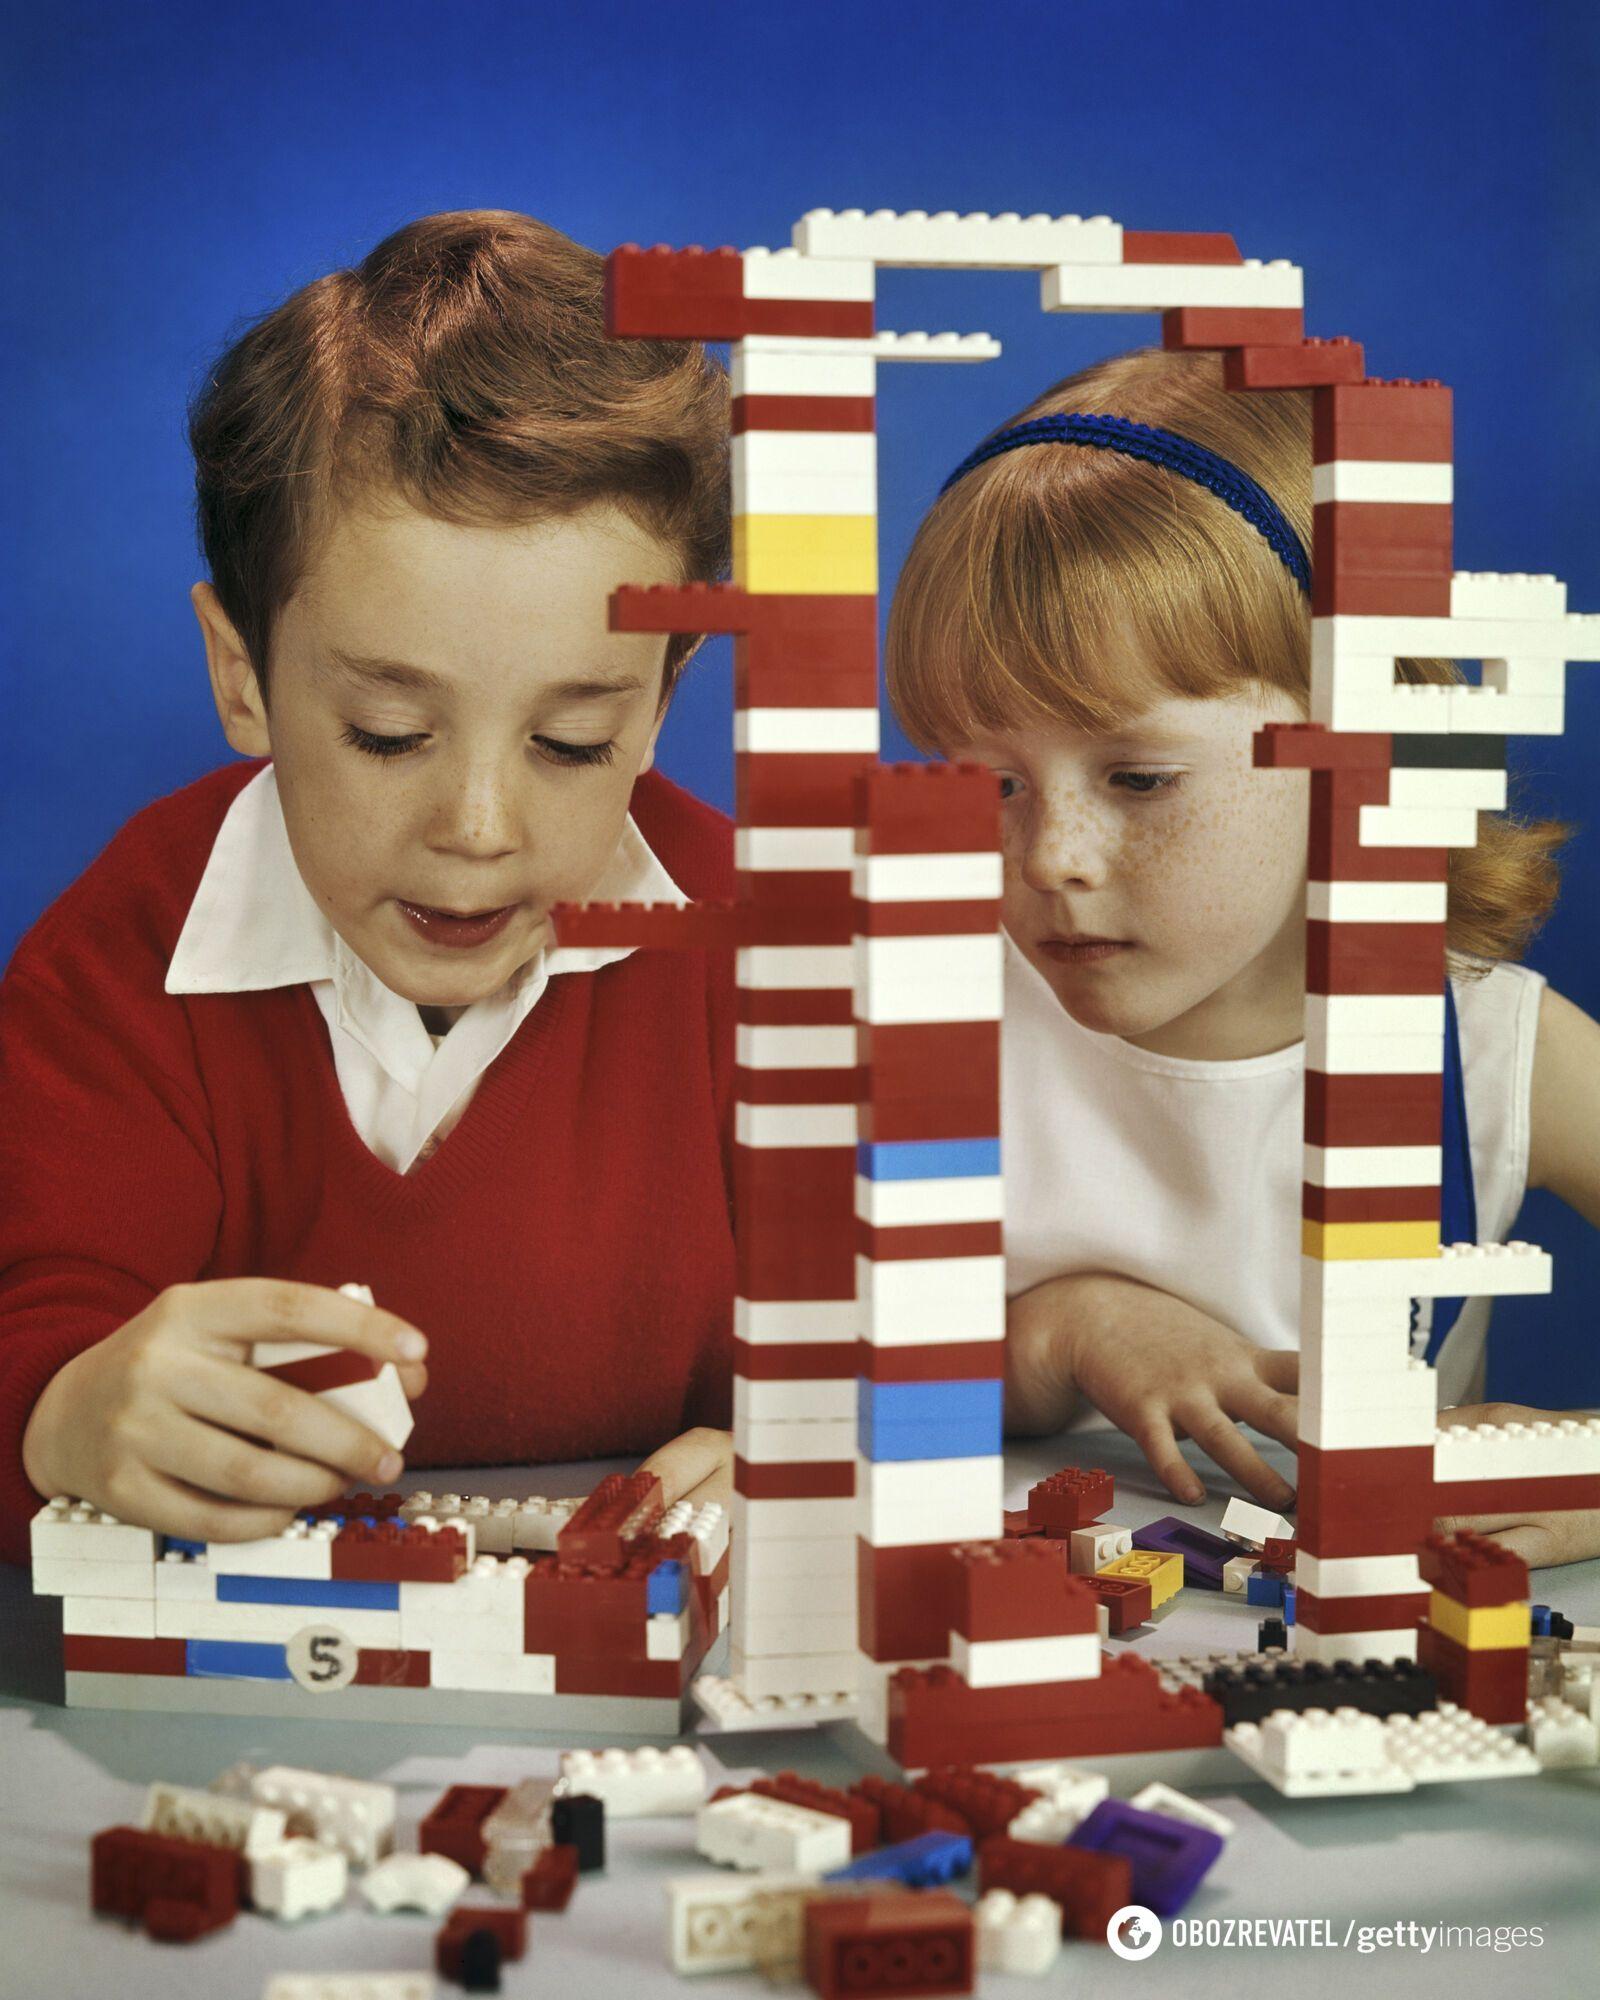 Діти грають в Lego